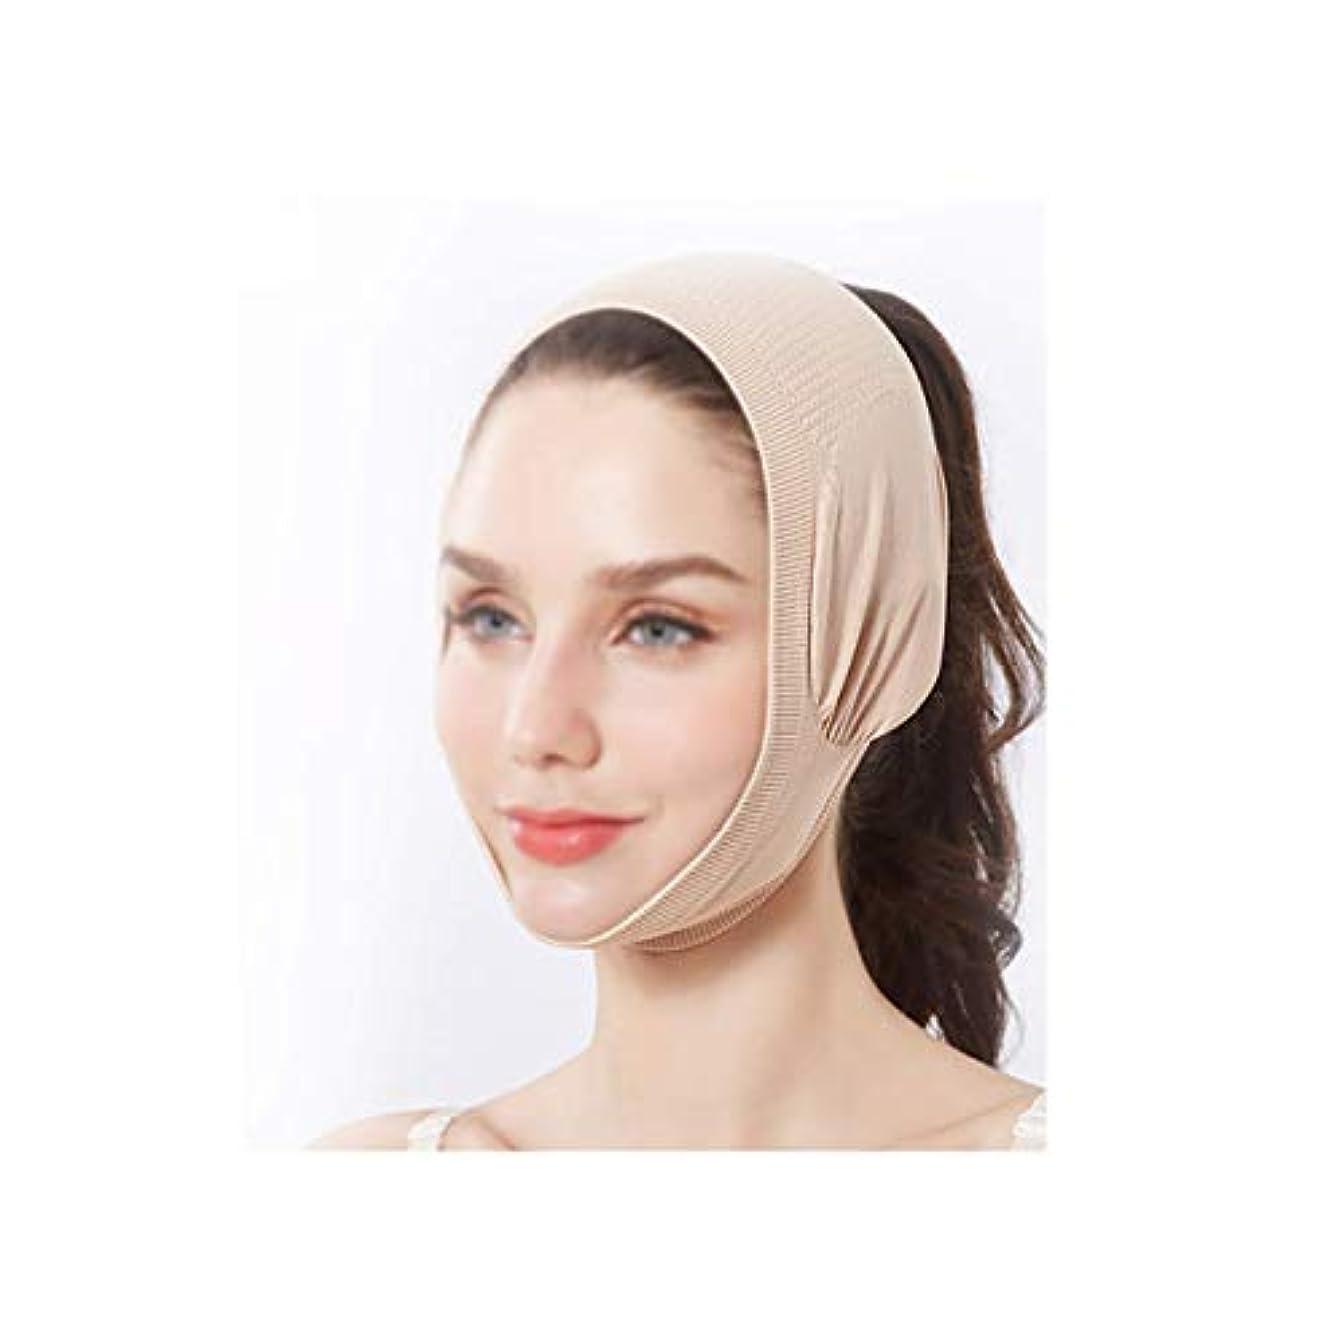 フェイスリフトマスク、フェイシャルマスクエクステンション強度フェイスレス包帯バンディオンフェイスラージVラインカービングフェイスバックカバーネックストラップ(カラー:肌の色)